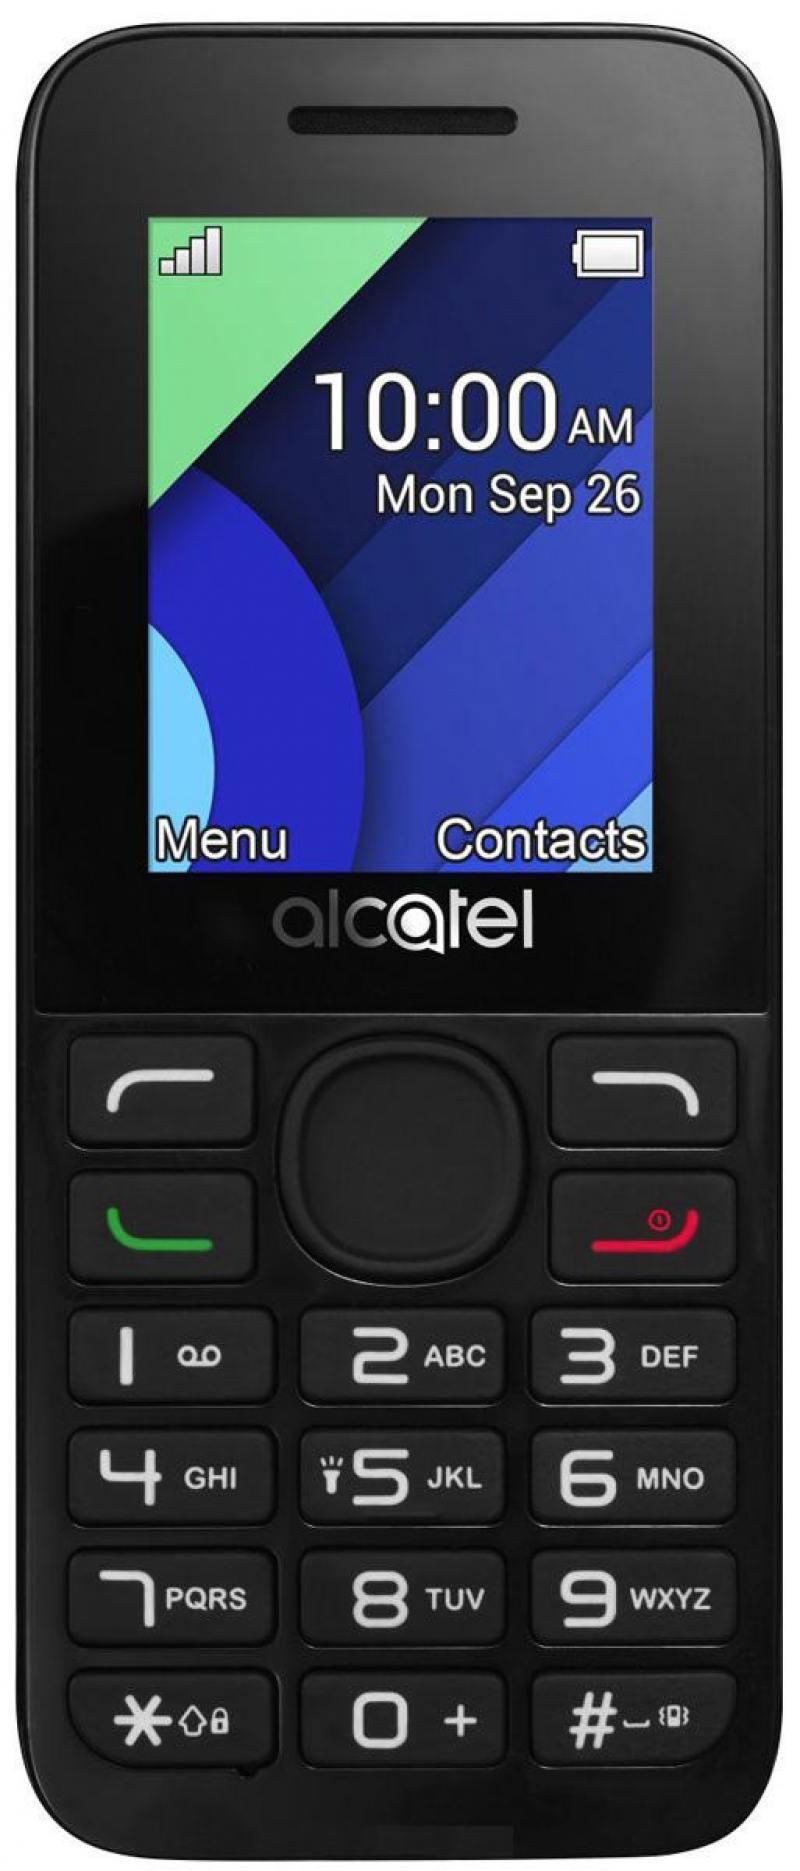 Мобильный телефон Alcatel 1054D темно-серый 1.8